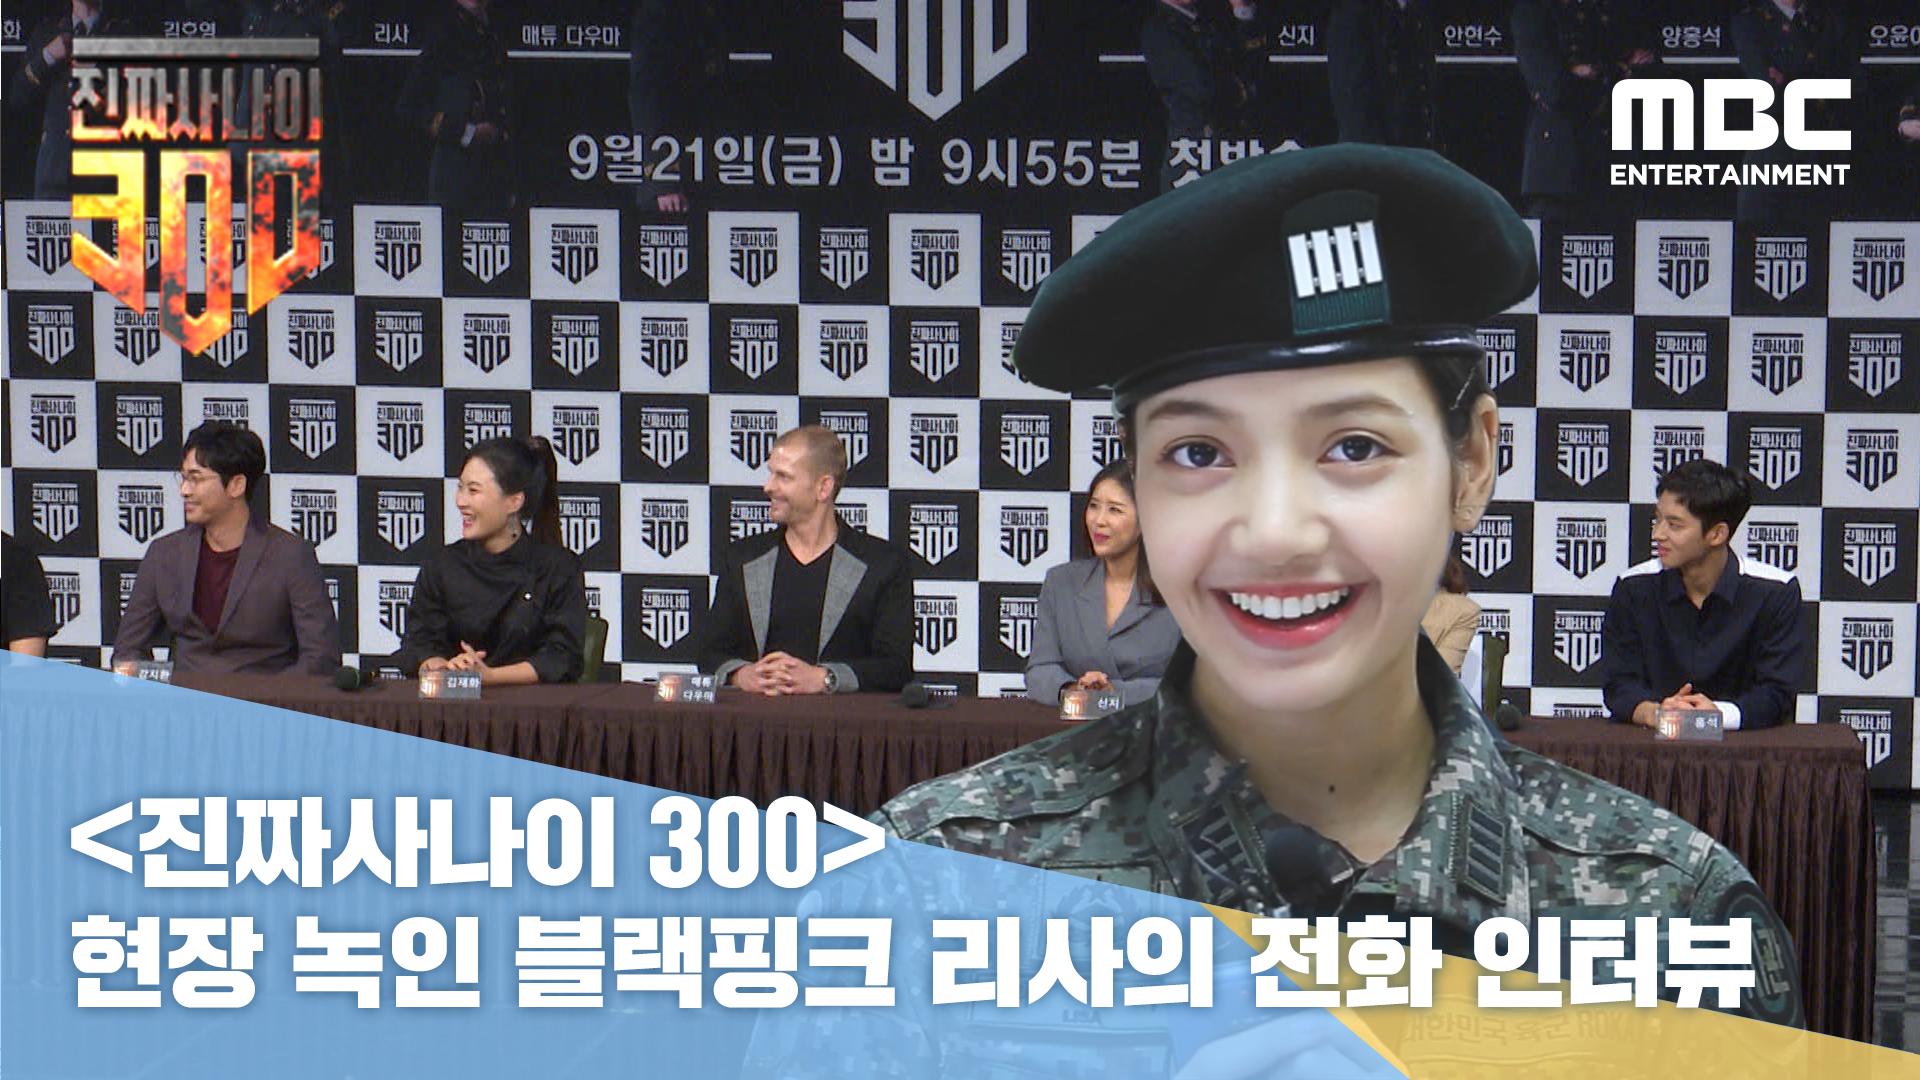 [SNS는 지금] '진짜 사나이 300' 제작발표회 현장을 녹인 '리사'의 목소리!